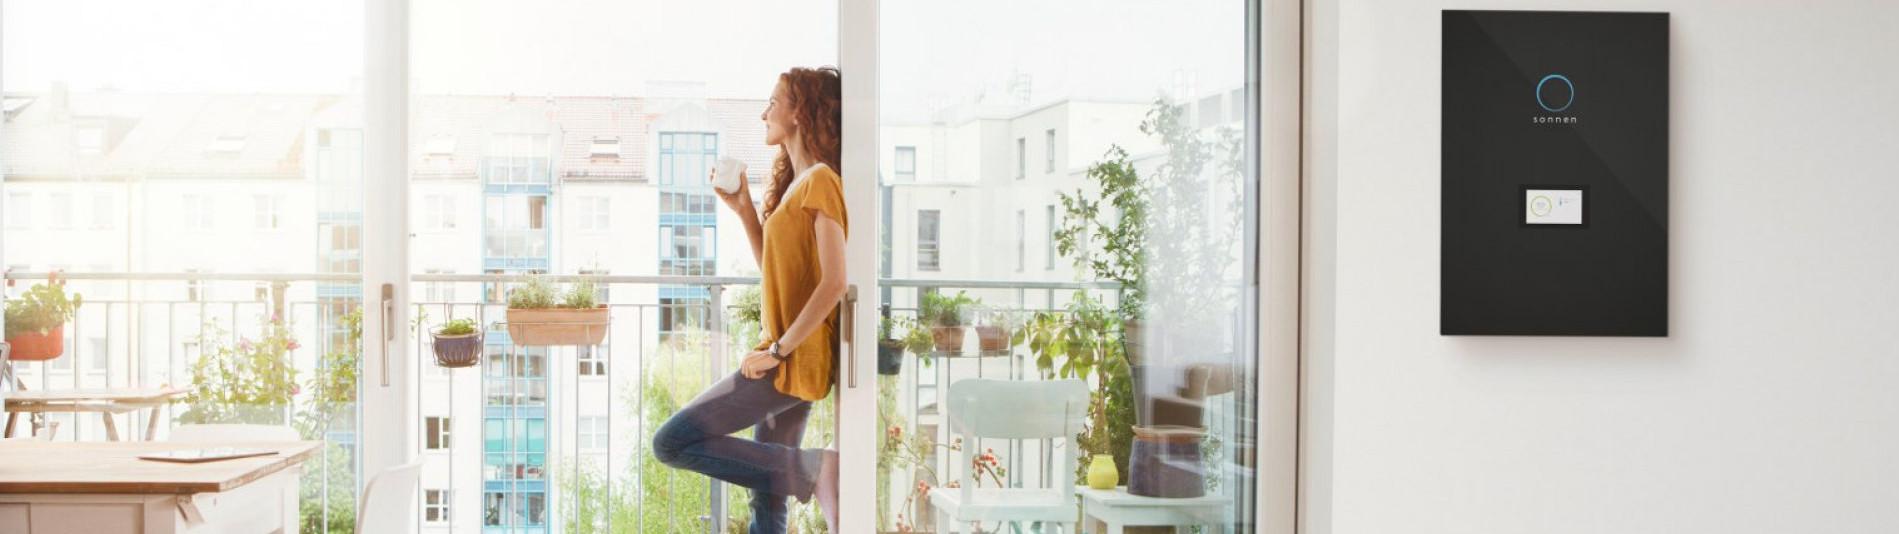 Frau am Fenster macht sich unabhängig mit einem Energiespeicher sonnenBatterie und senkt somit ihre Kosten